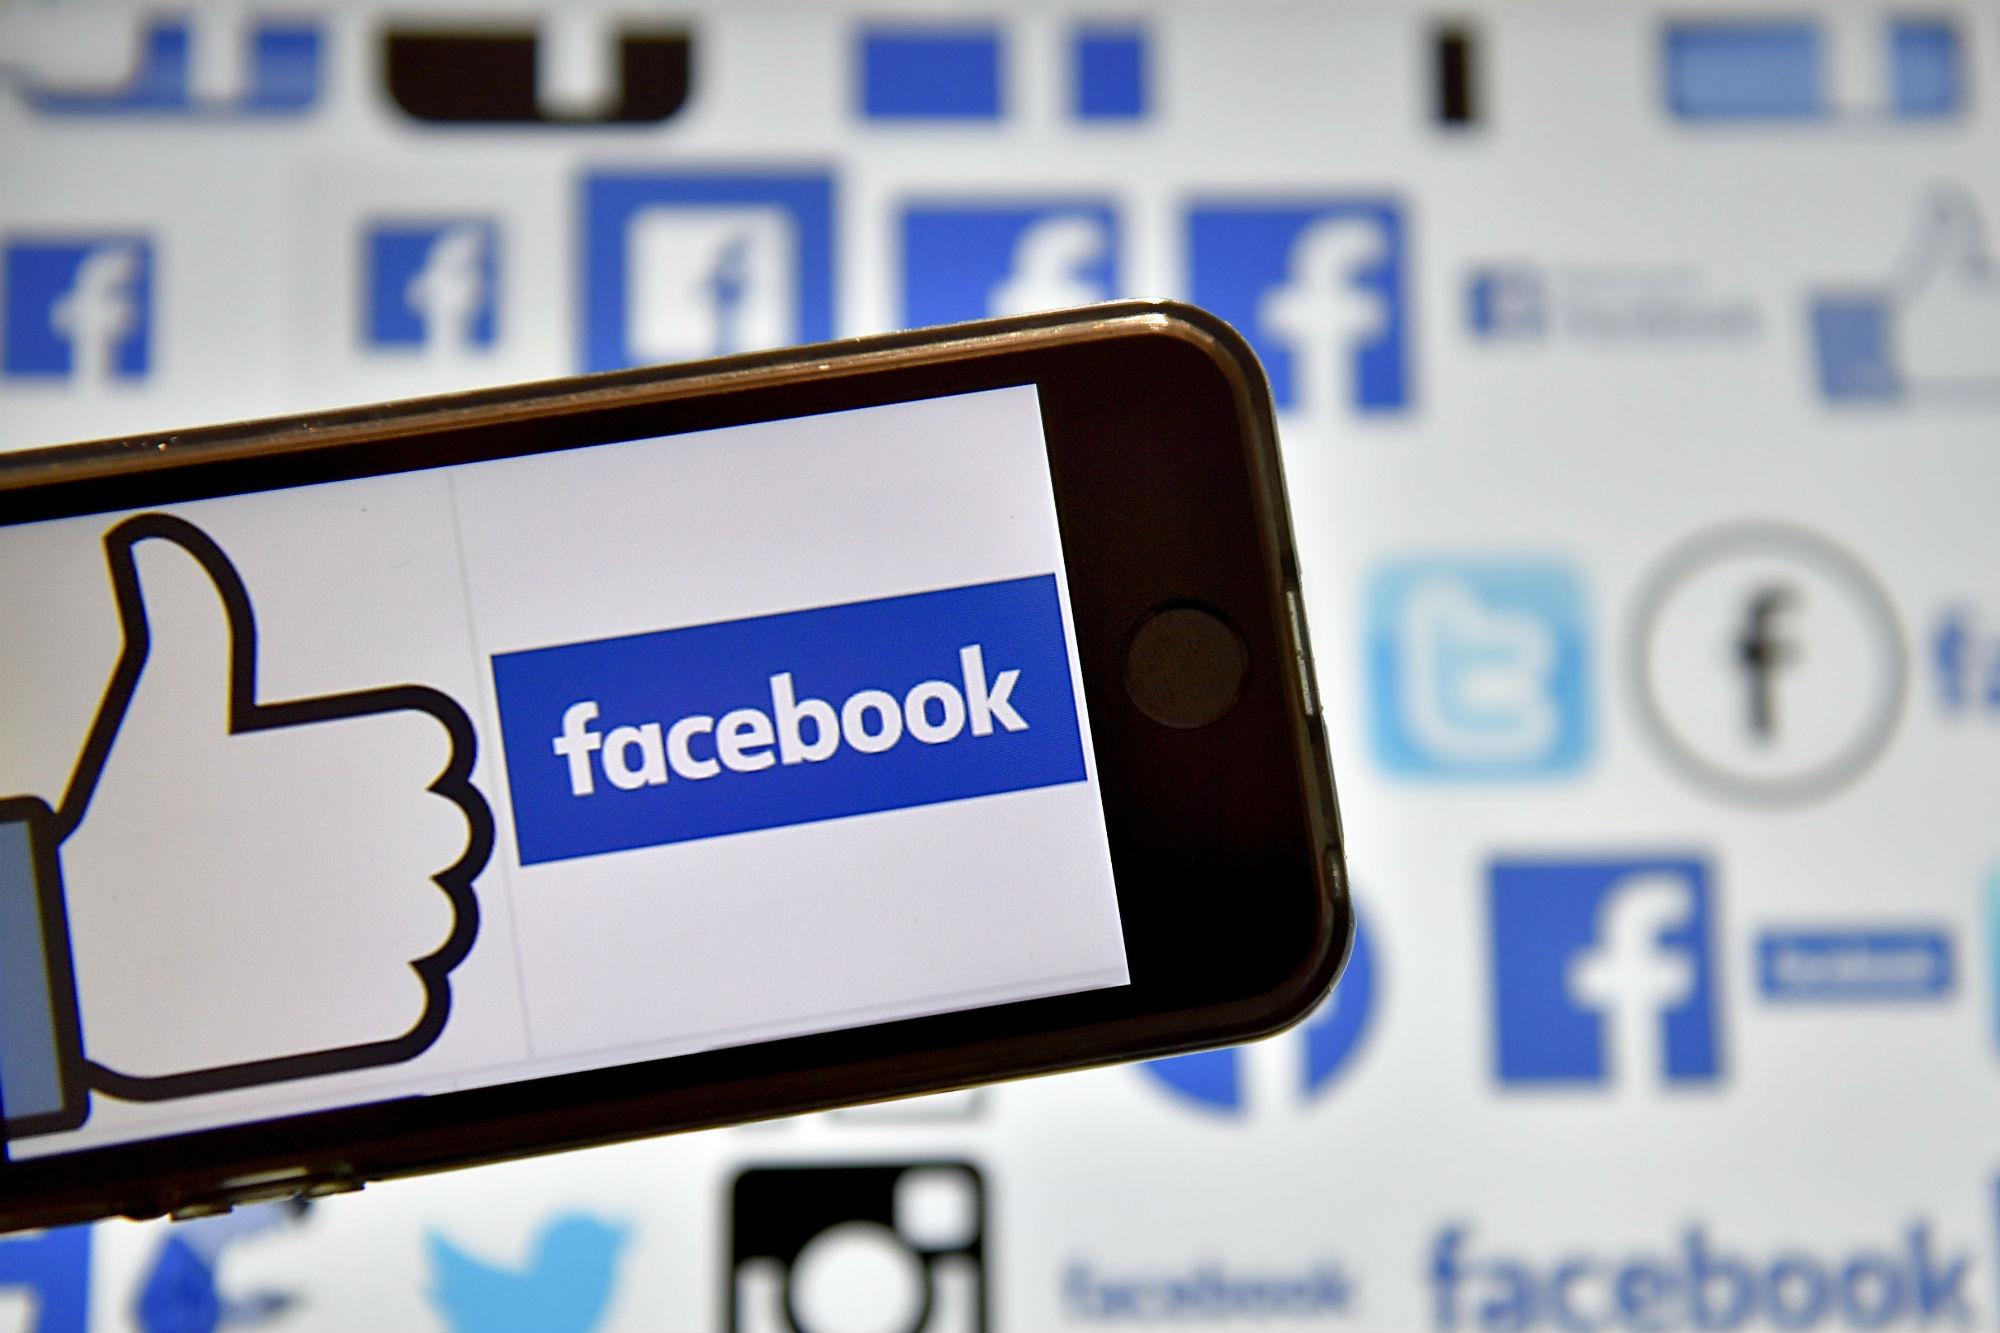 Post o commenti offensivi su Facebook: rischio di diffamazione aggravata